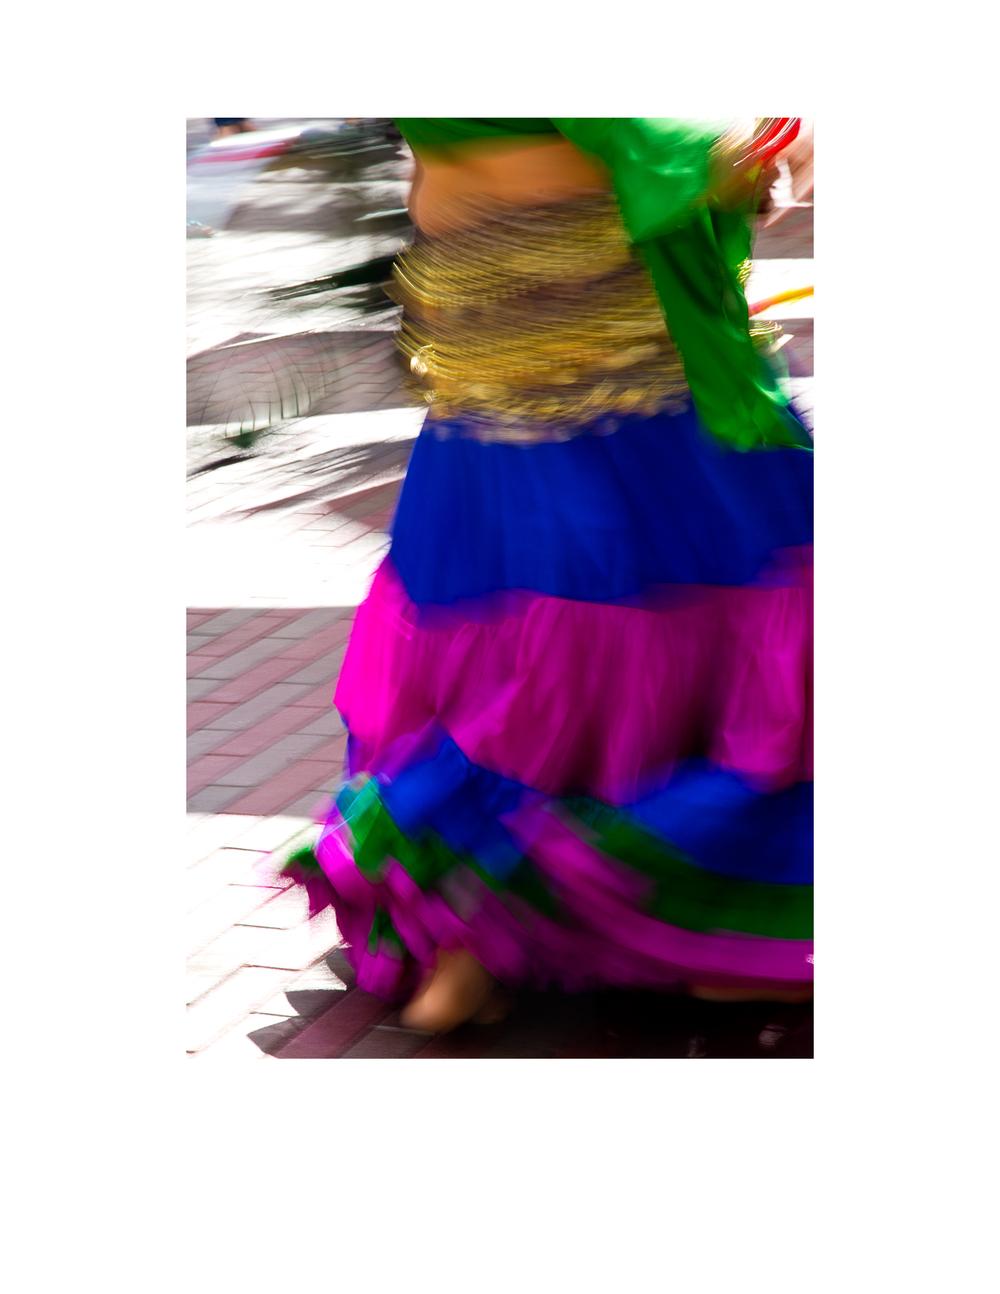 blurred1-8.jpg